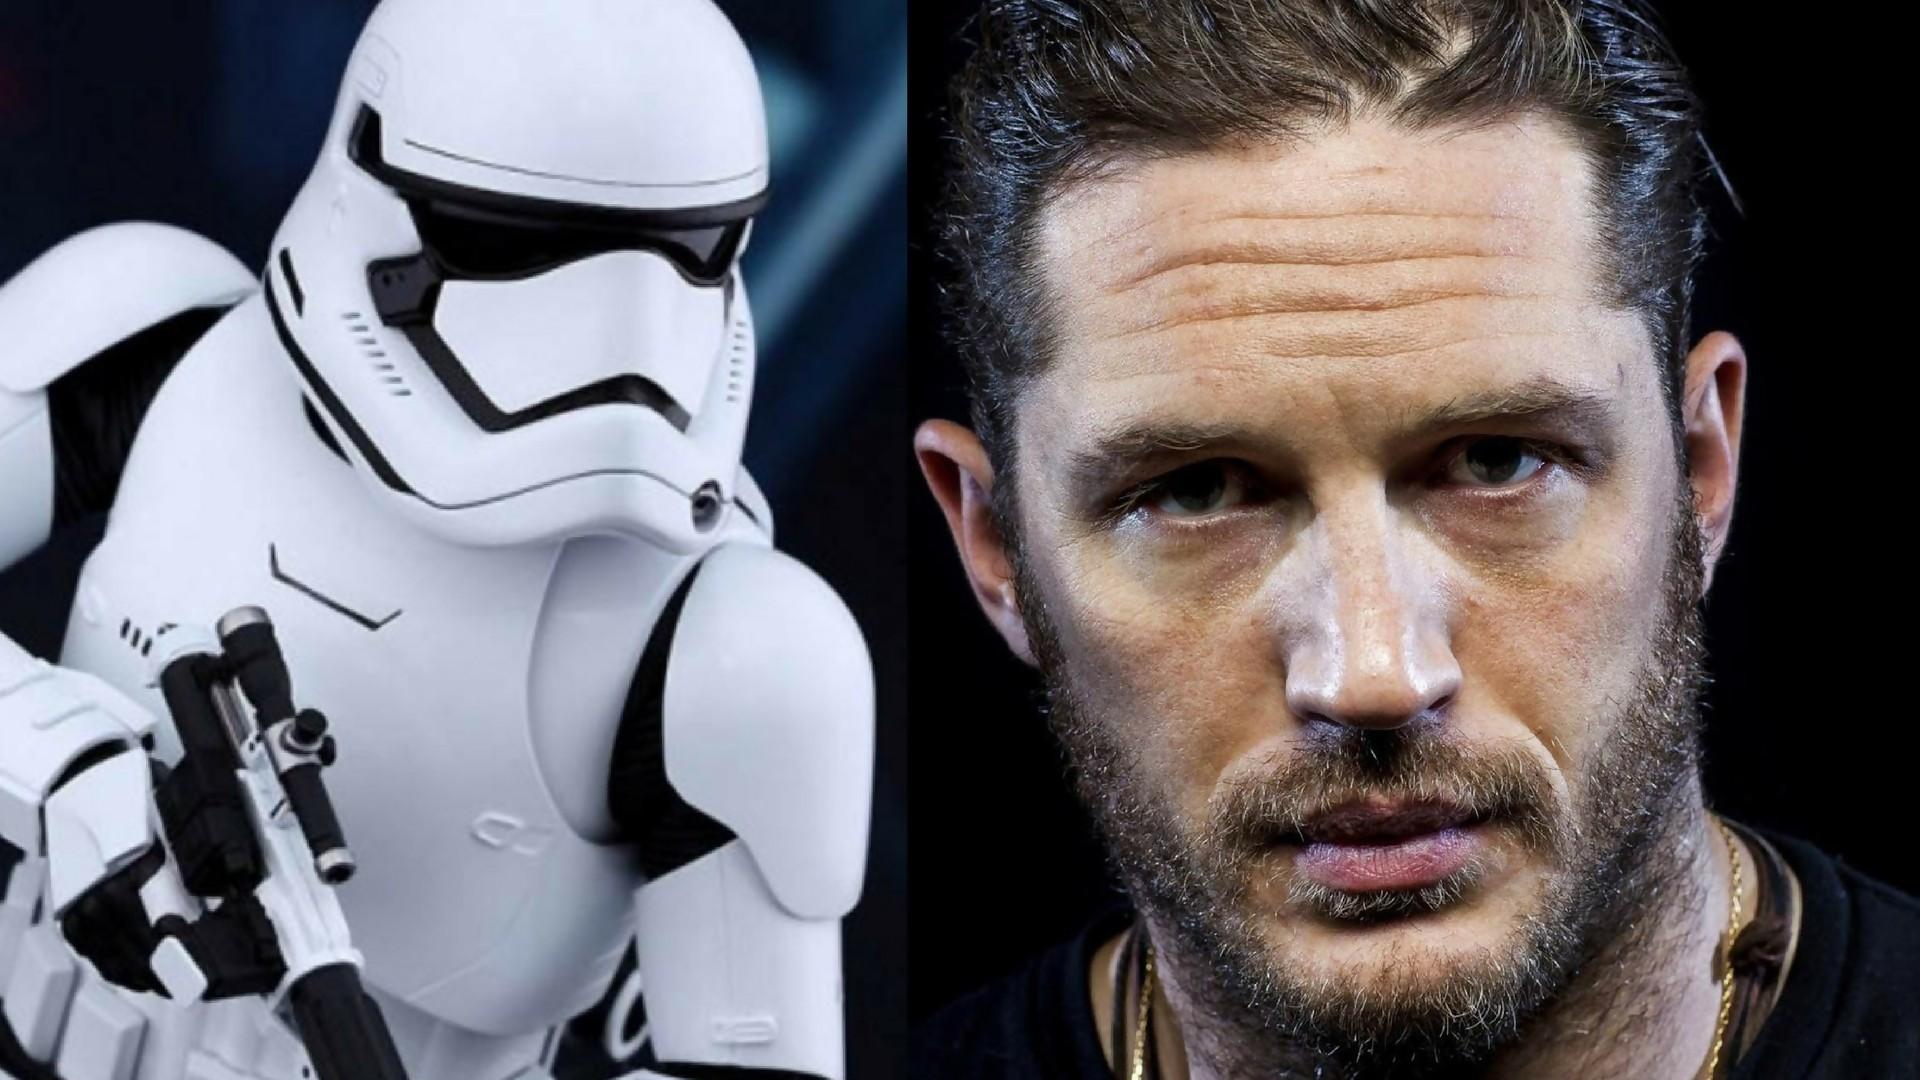 Des fans en colère lancent une pétition contre l'Épisode 8 — Star Wars